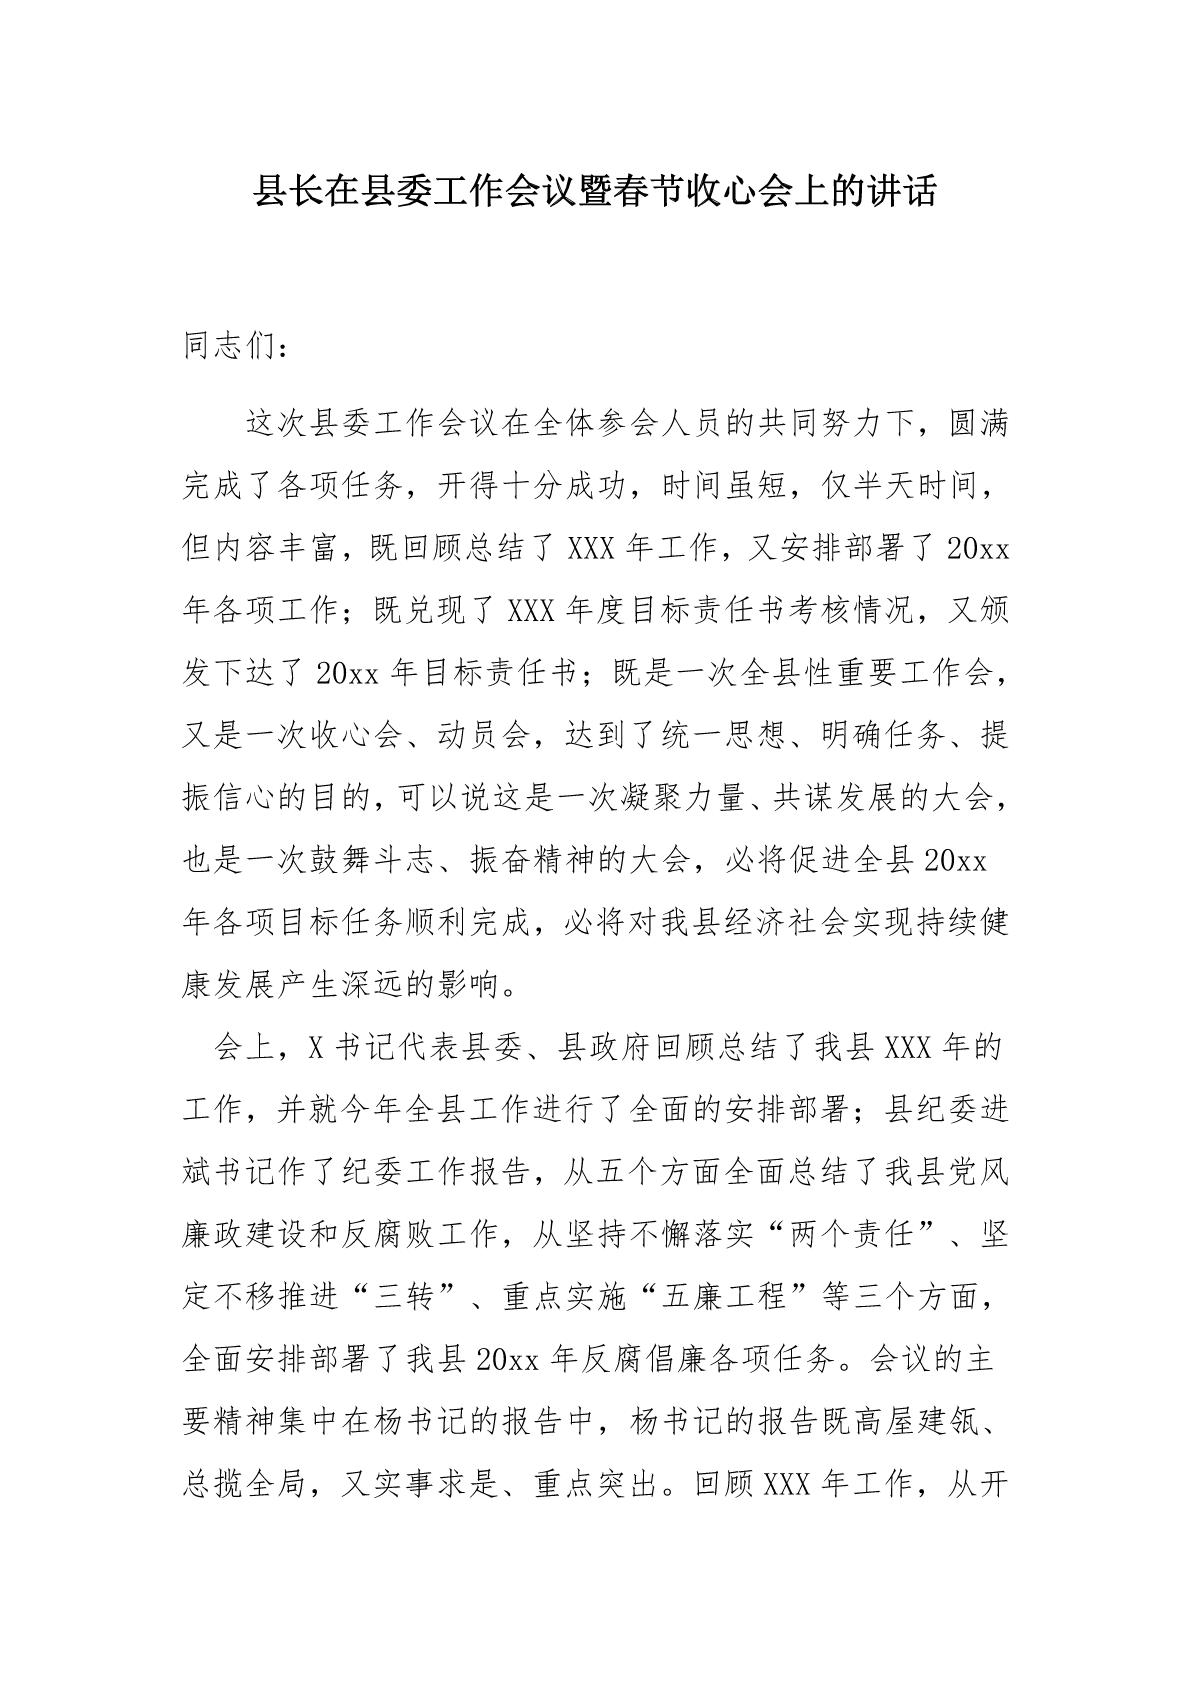 县长在县委工作会议暨春节收心会上的讲话